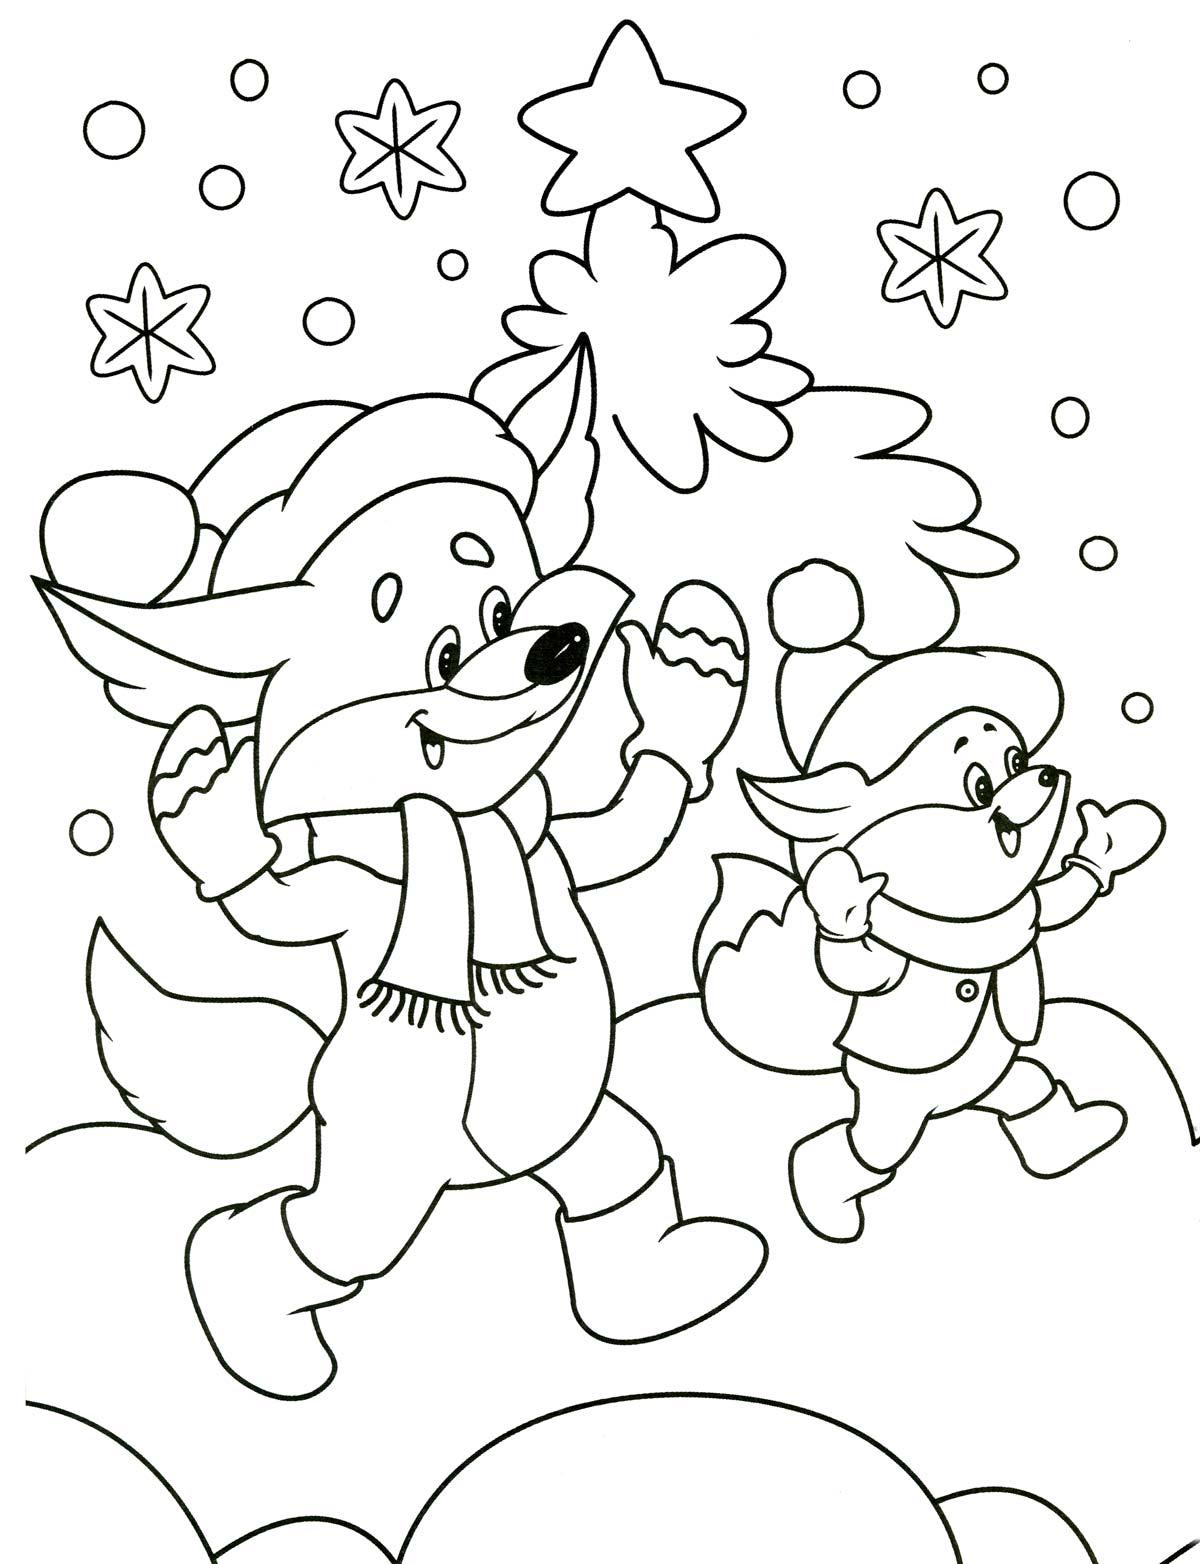 Раскраски зима для детей 3 лет